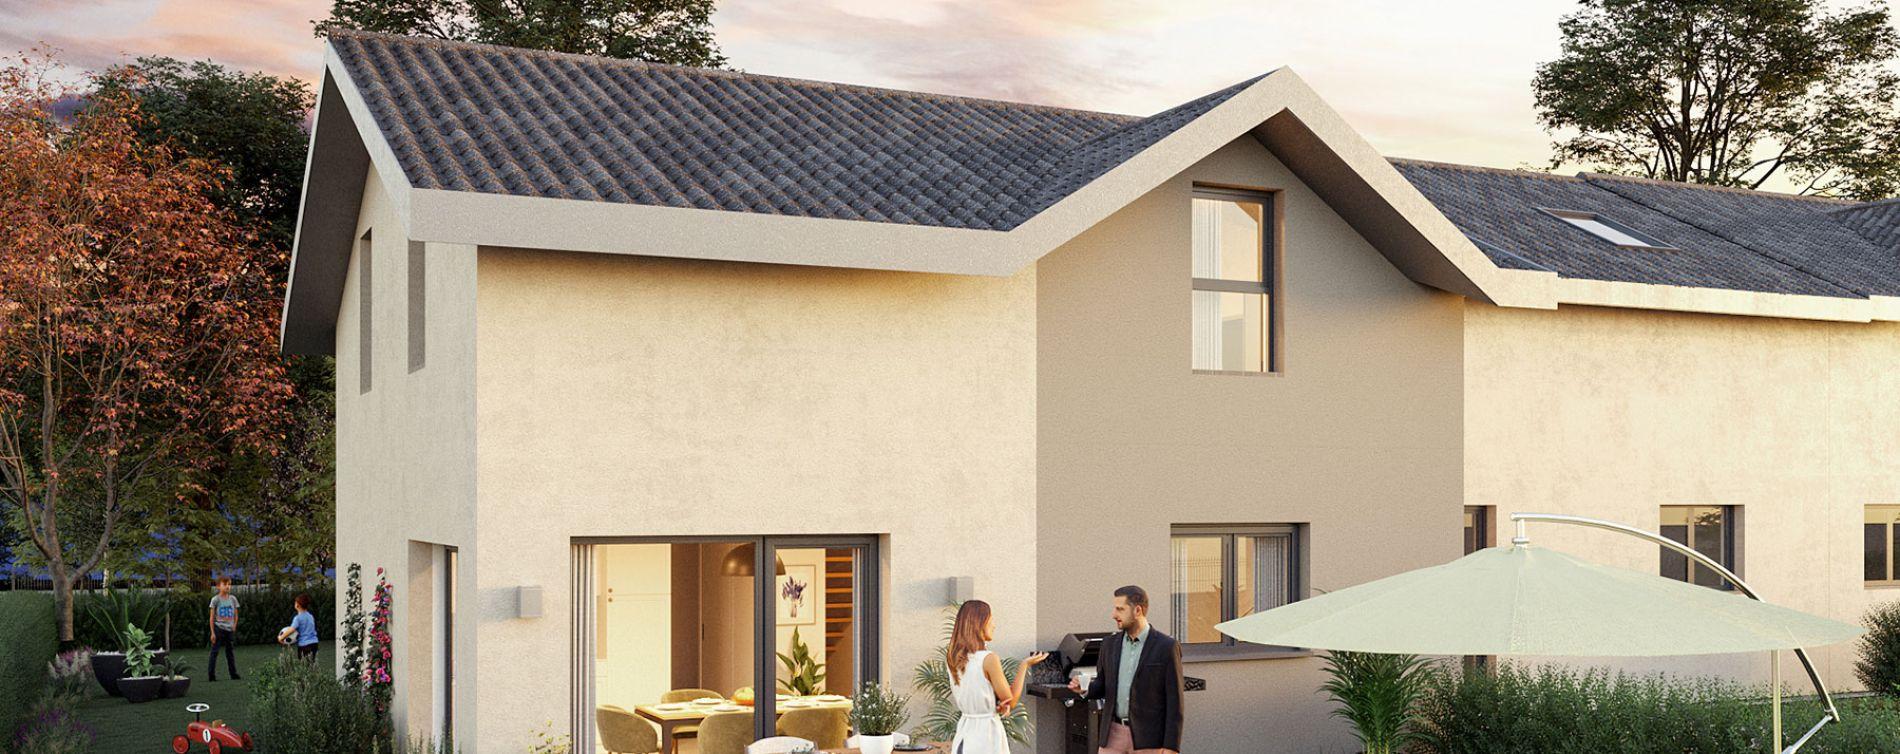 Ségny : programme immobilier neuve « Le Clos Journans »